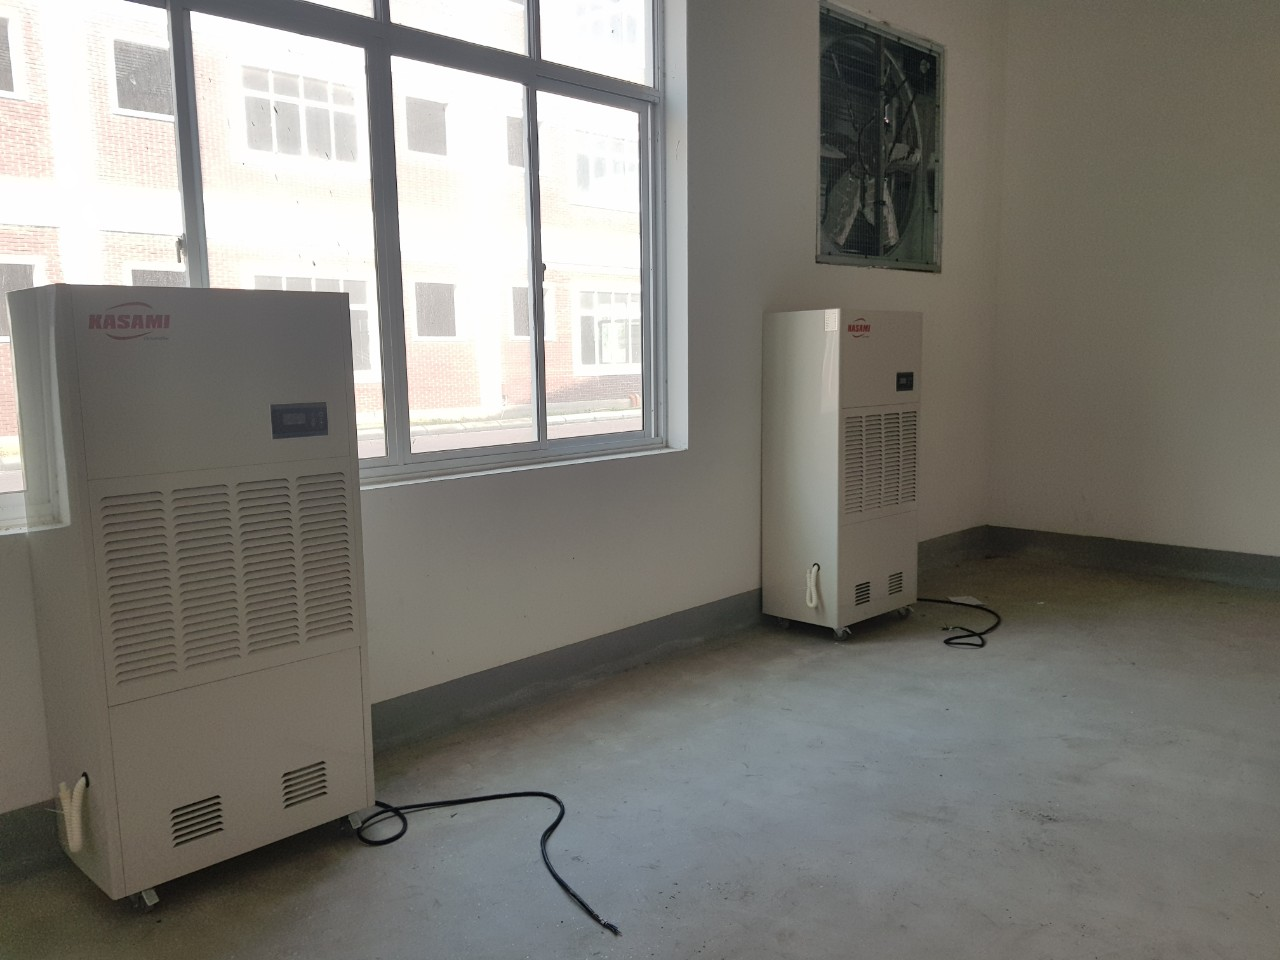 Đây chính là máy hút ẩm công nghiệp tại Hải Dương mọi người thèm muốn